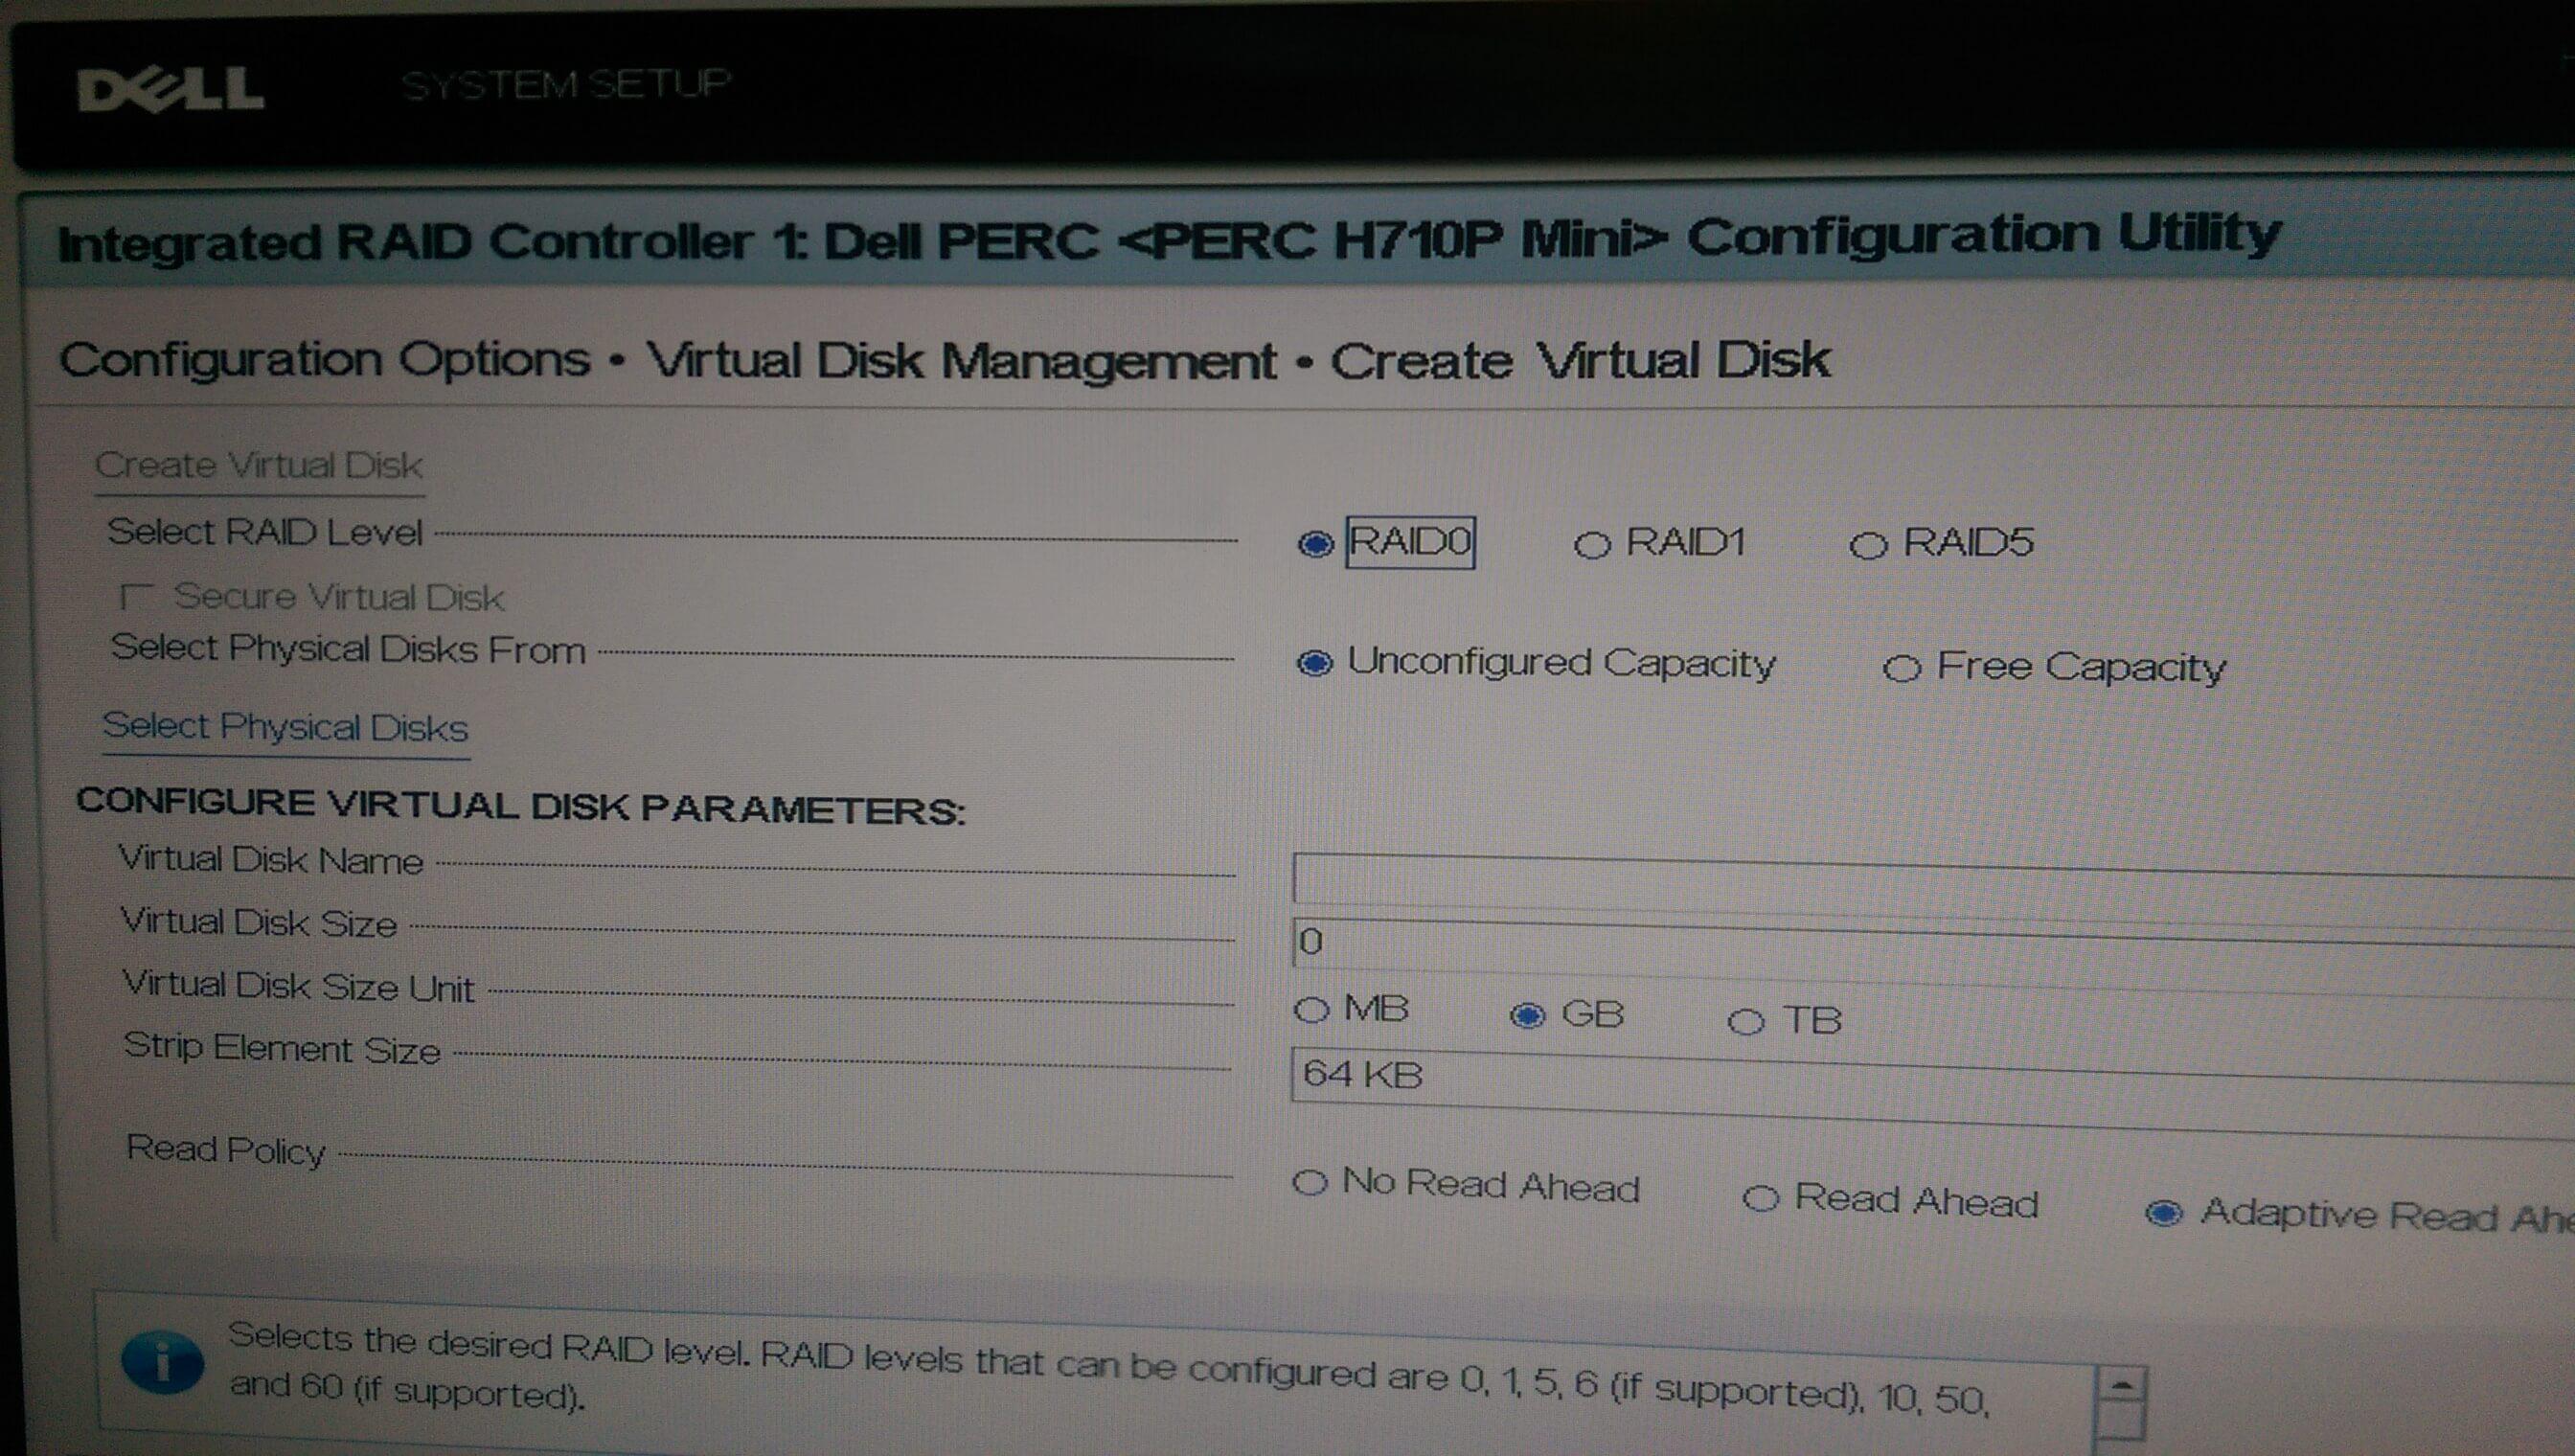 VMware Virtual SAN 6 - Requirements [Part 1] - VirtuallyBoring